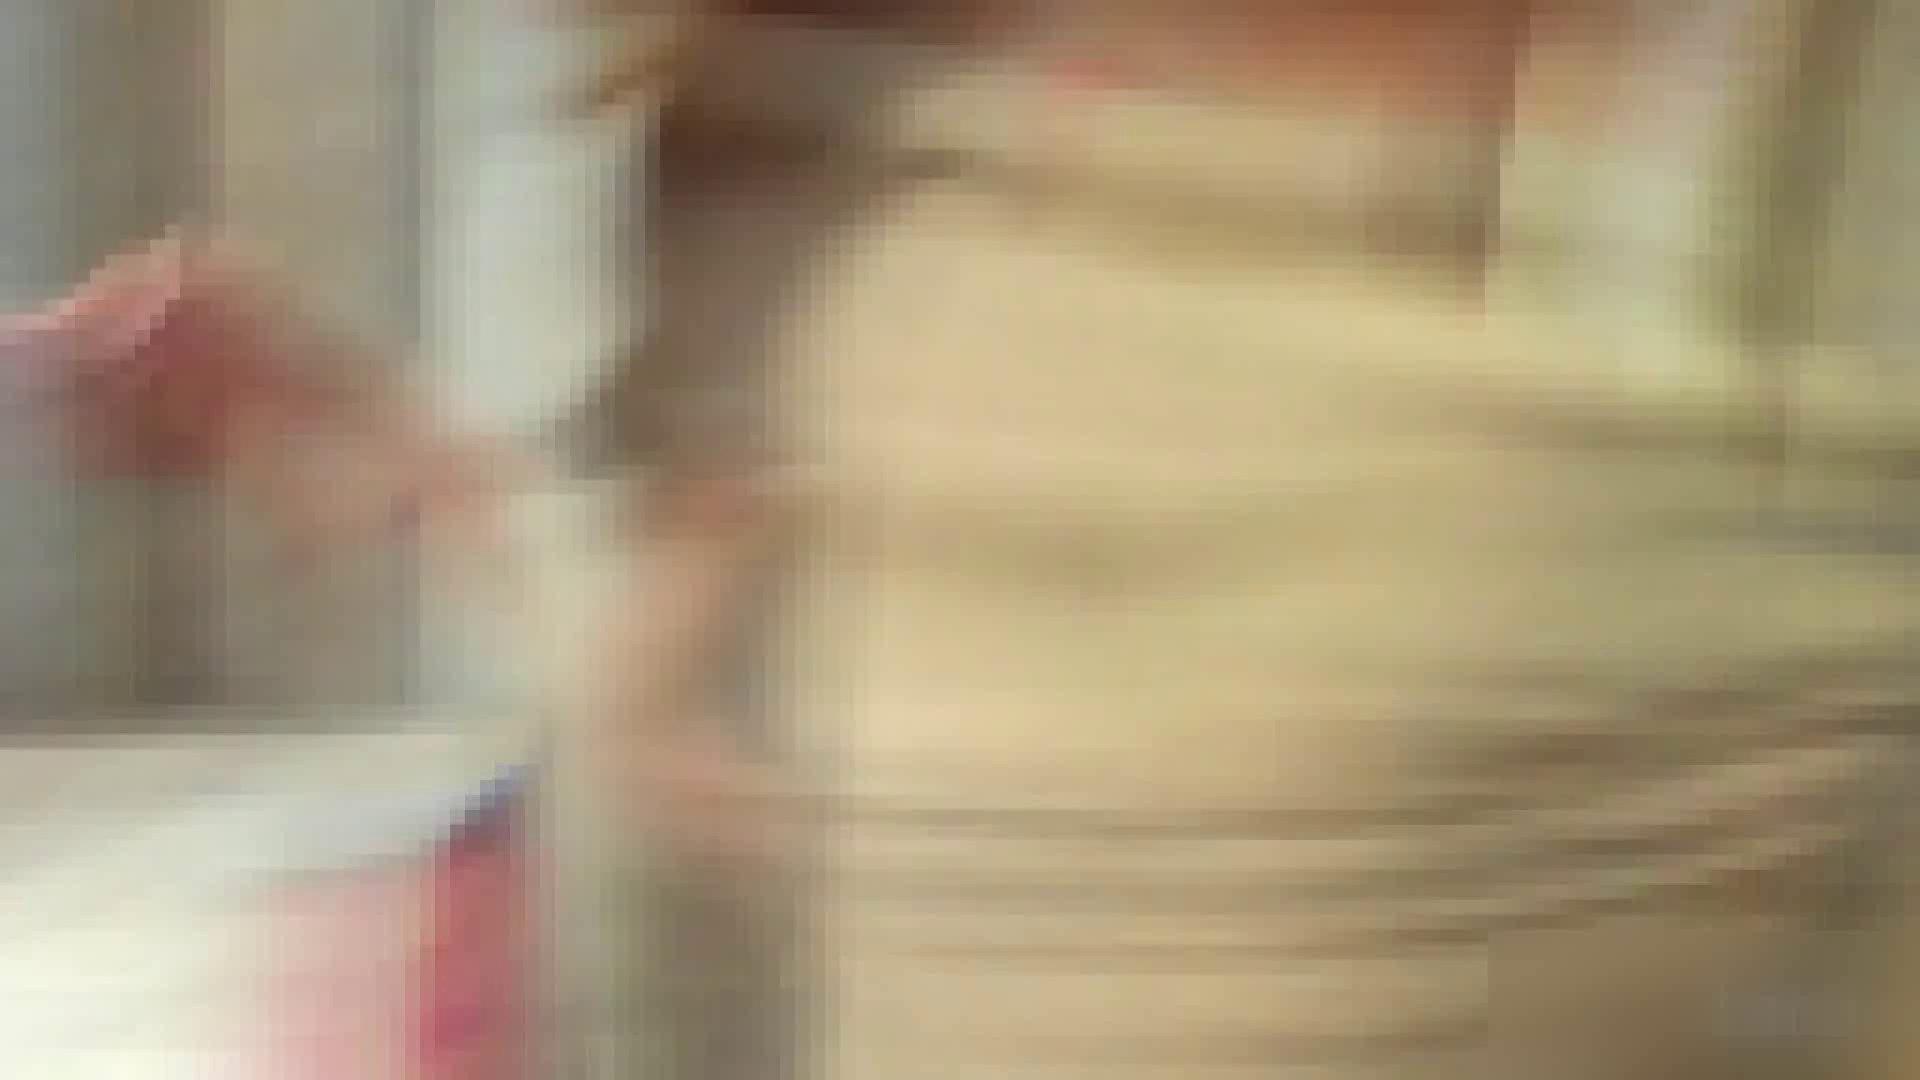 ガールズパンチラストリートビューVol.011 OLセックス | パンチラ  109画像 17